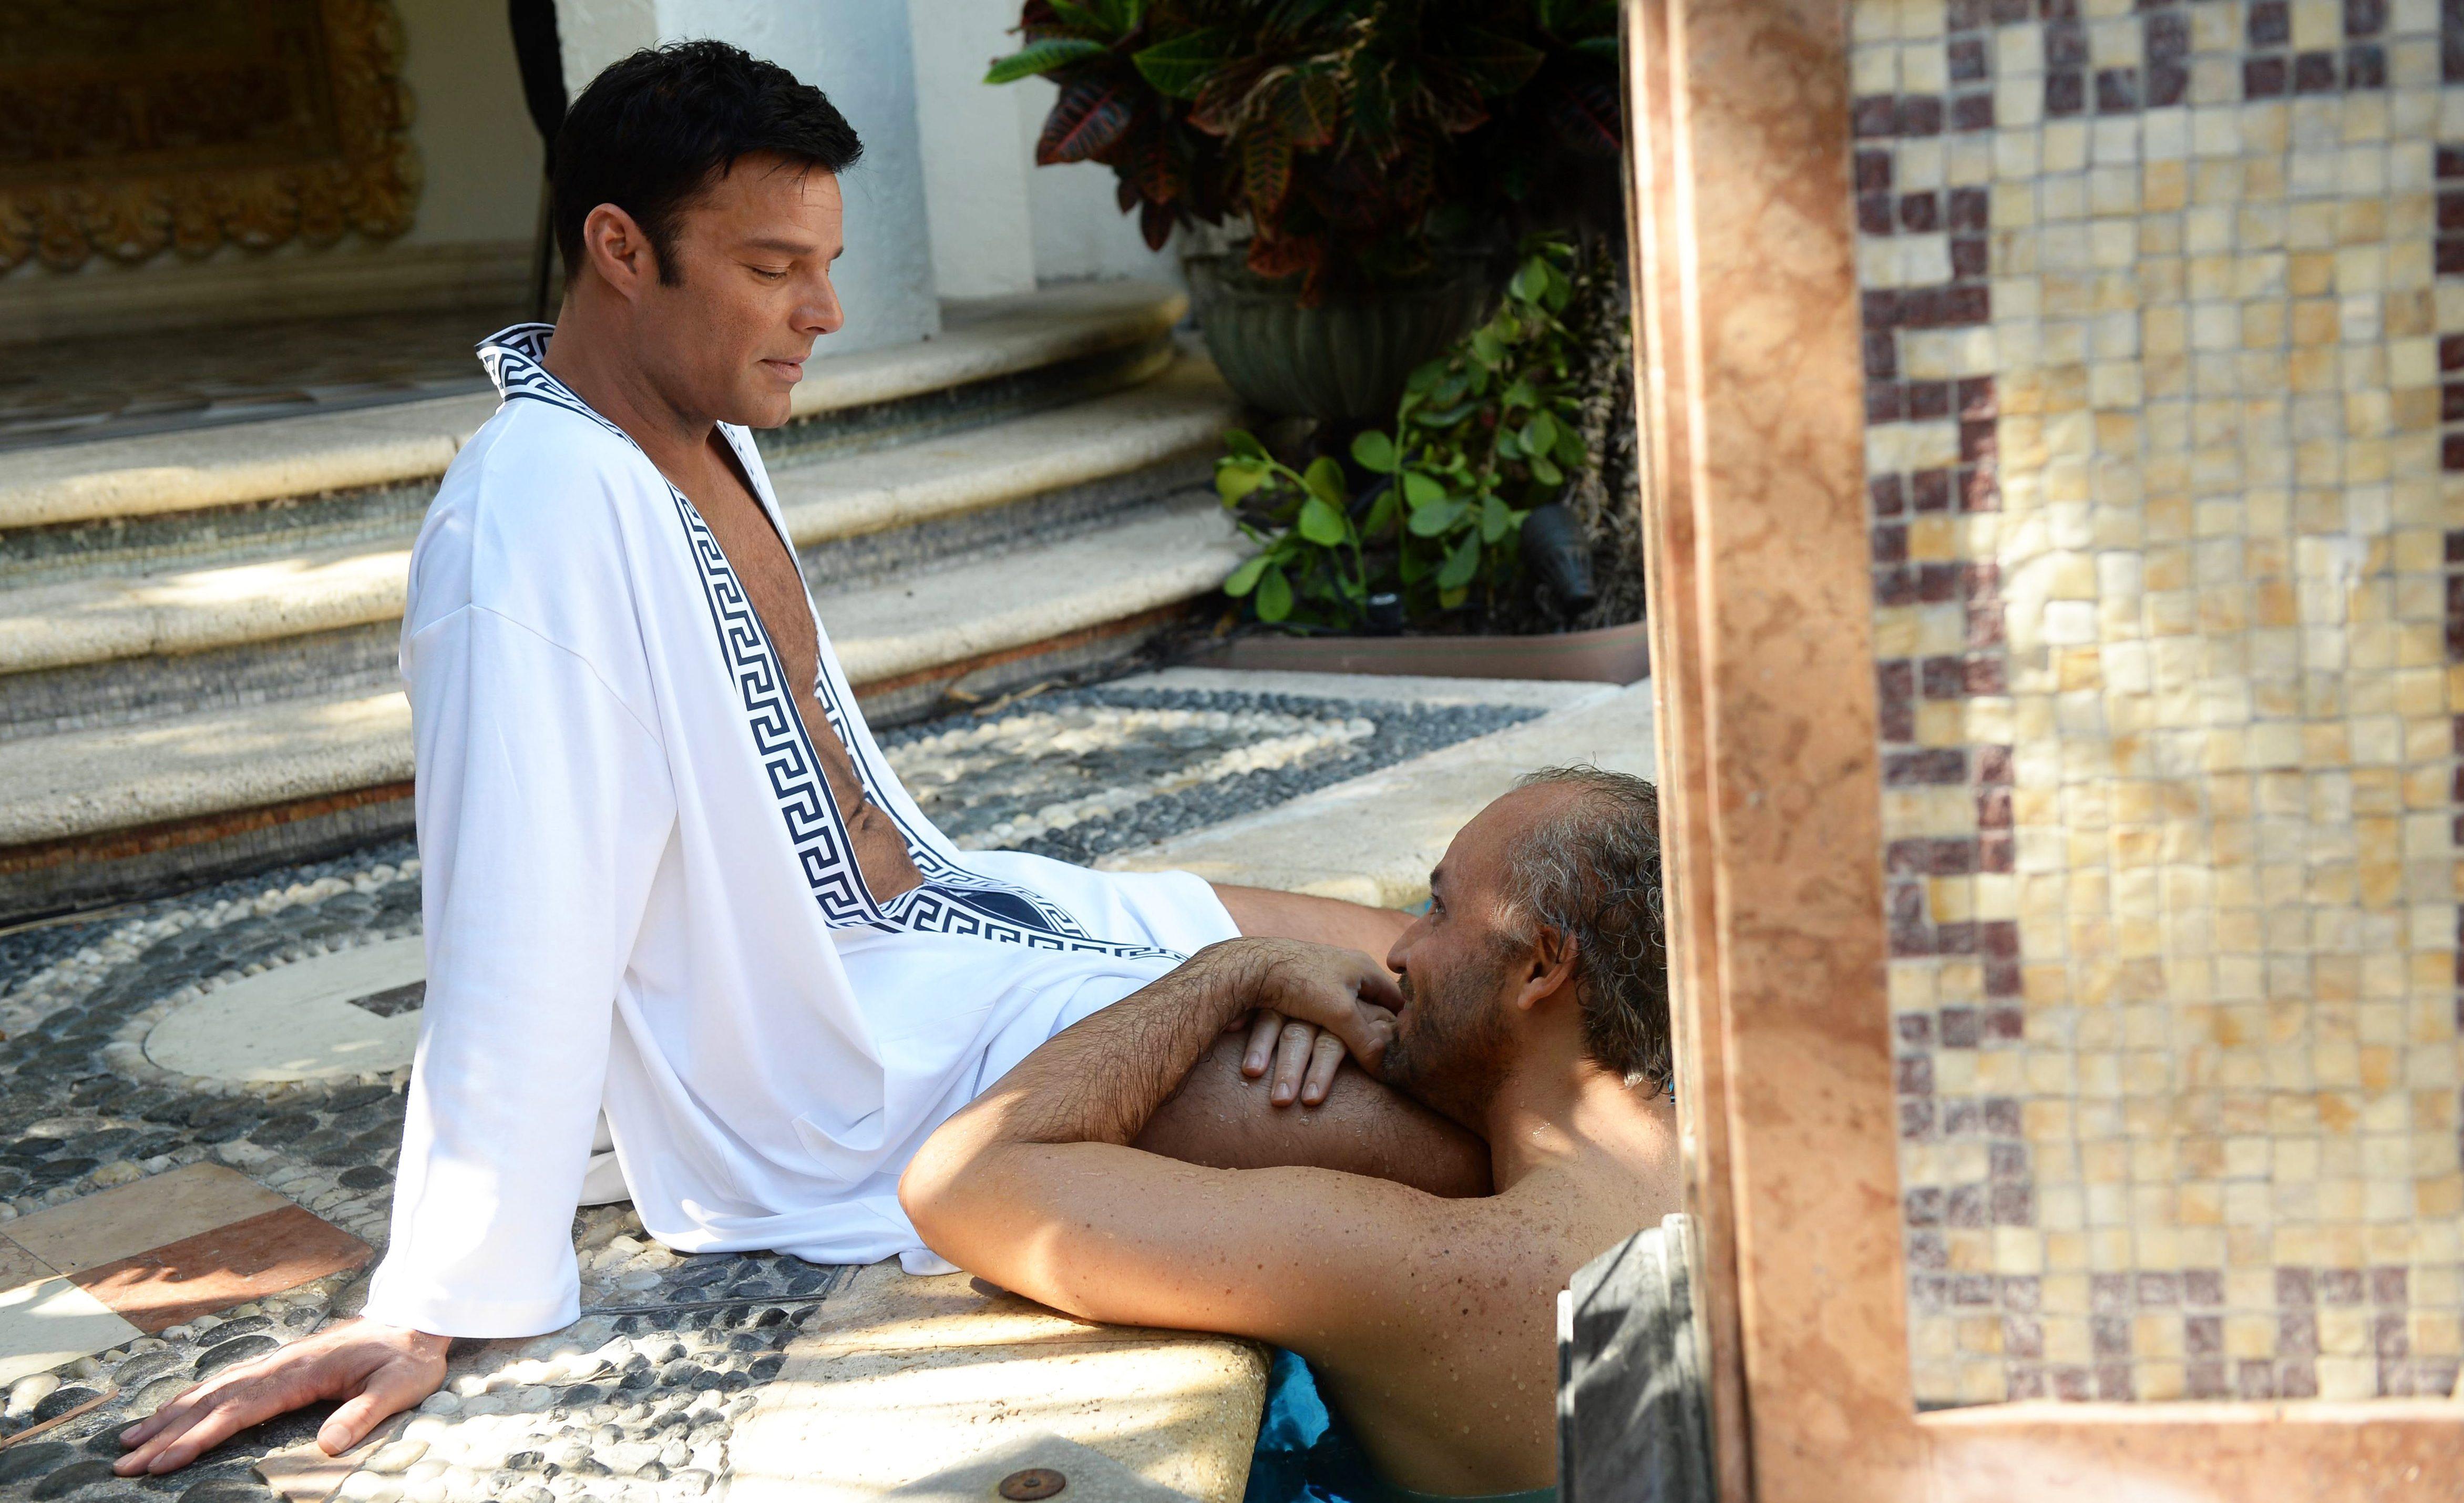 Ricky Martin, Gianni Versace Dizisindeki Seks Sahnelerinde Heyecanlandığını Söyledi